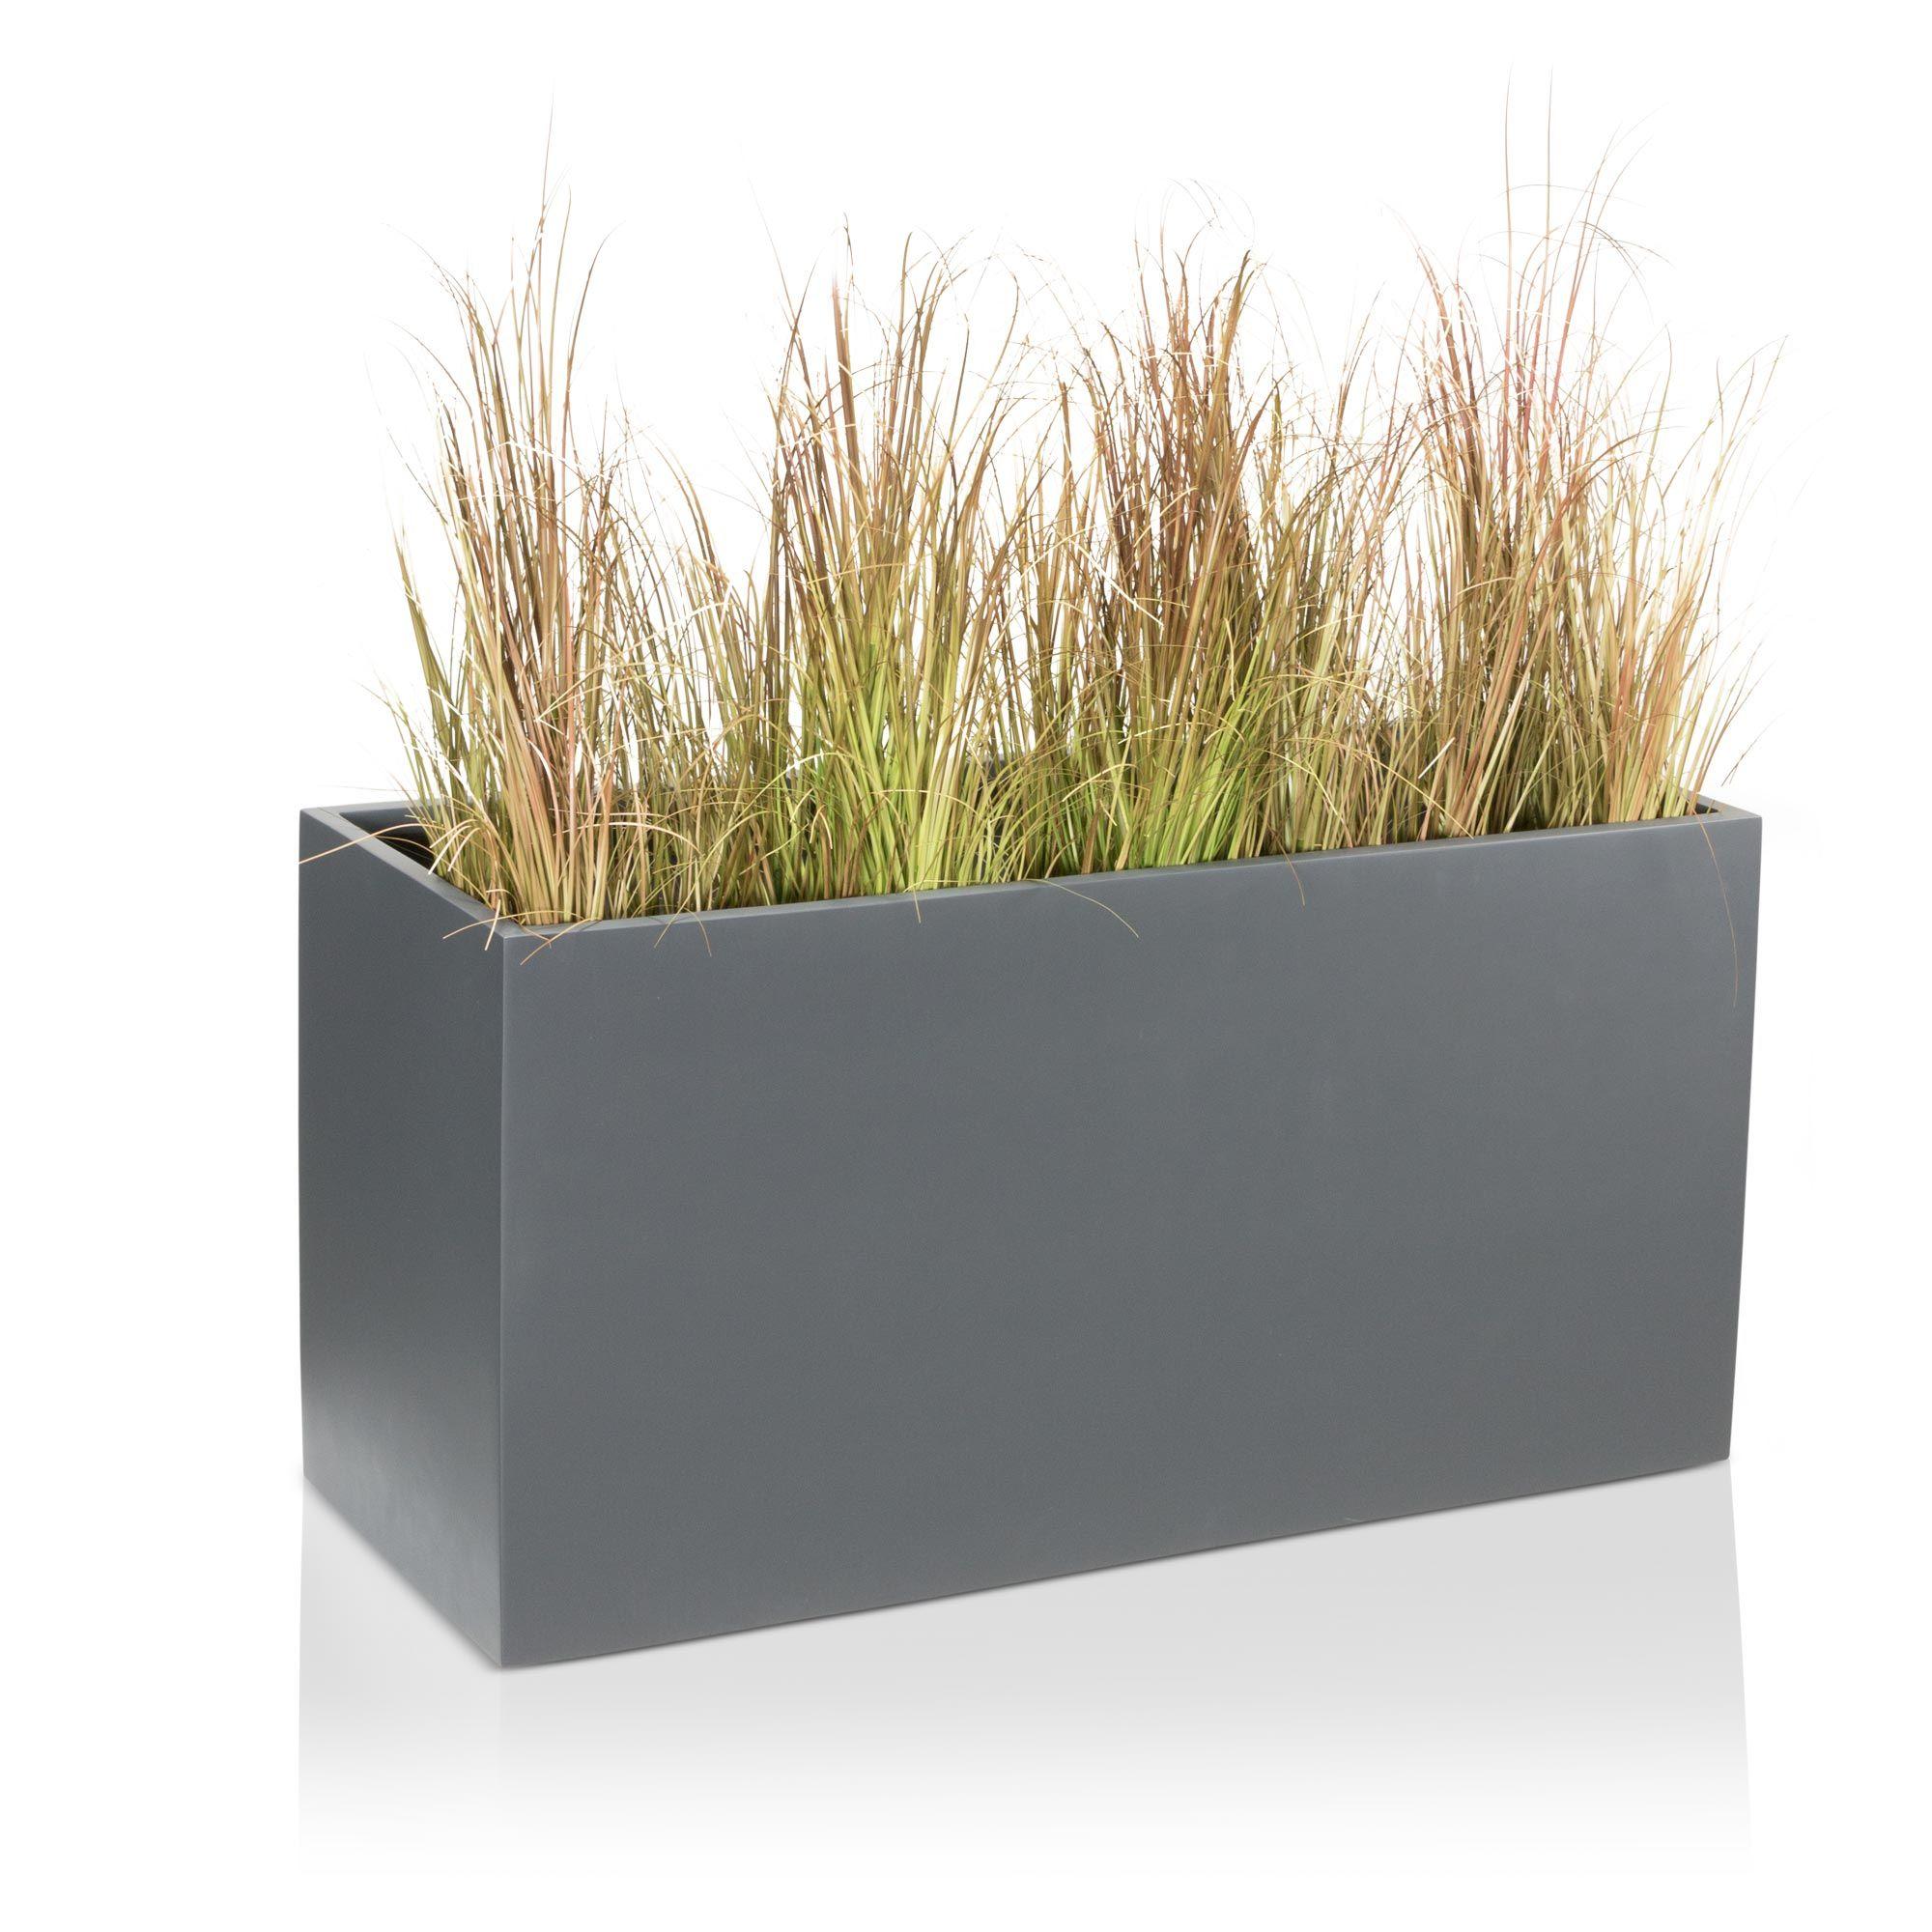 Pflanztrog Visio 50 Fiberglas Grau Matt Plants Plant Troughs